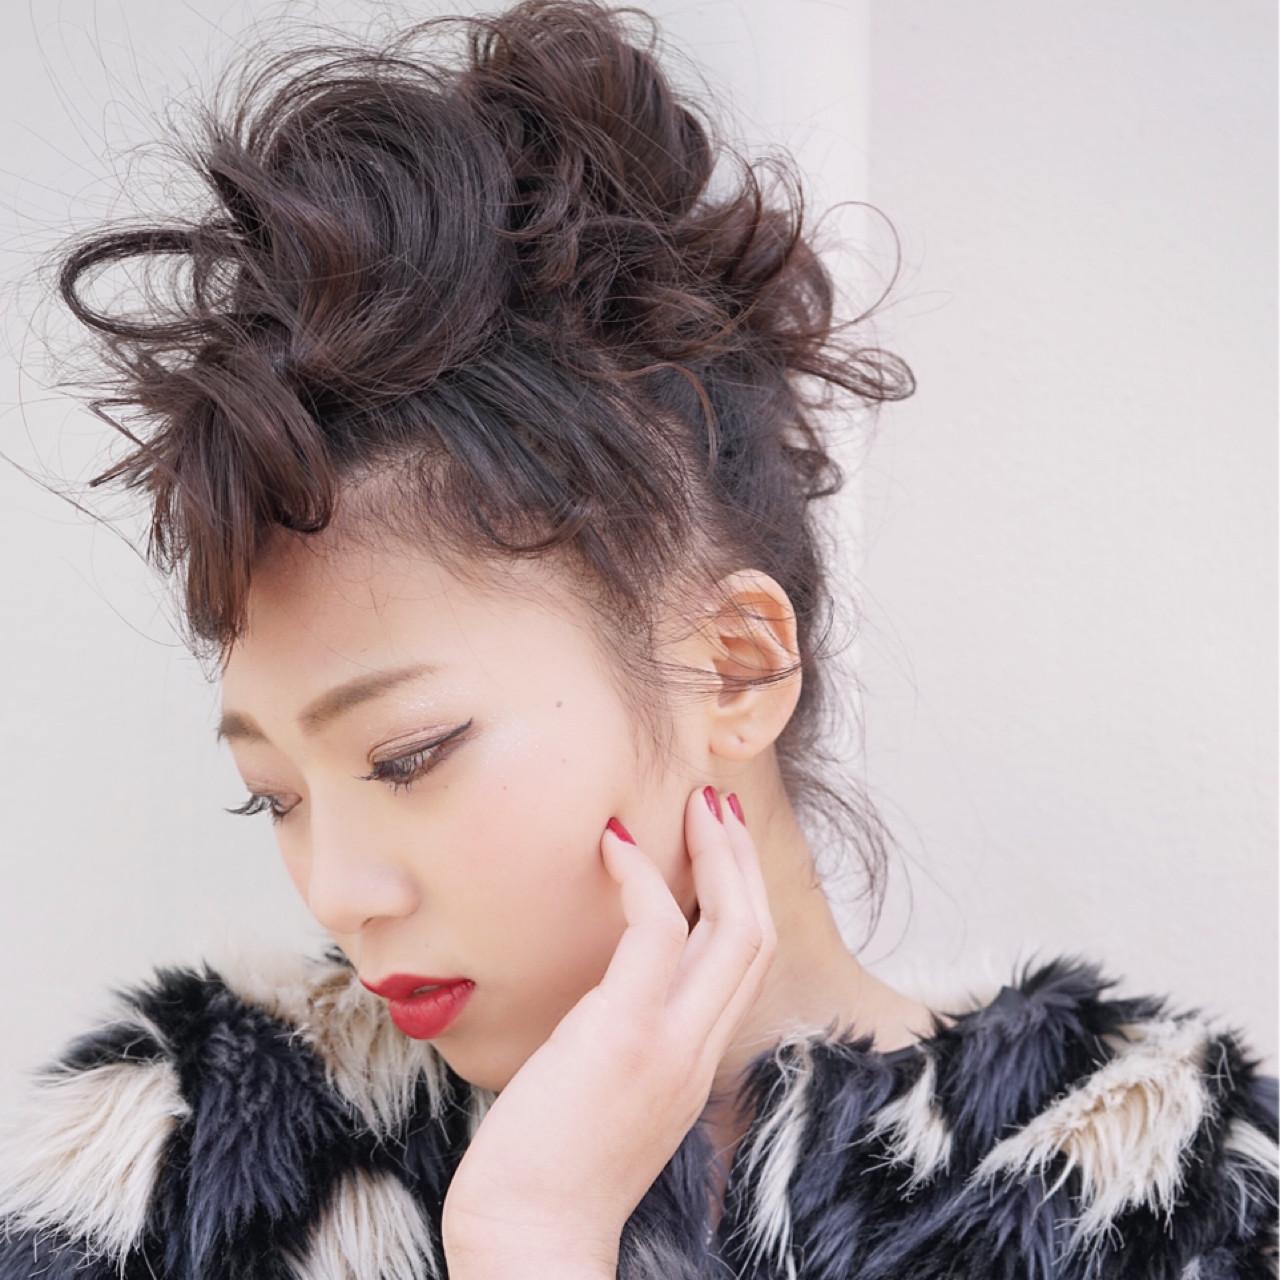 ニュアンス 大人女子 ロング ヘアアレンジ ヘアスタイルや髪型の写真・画像